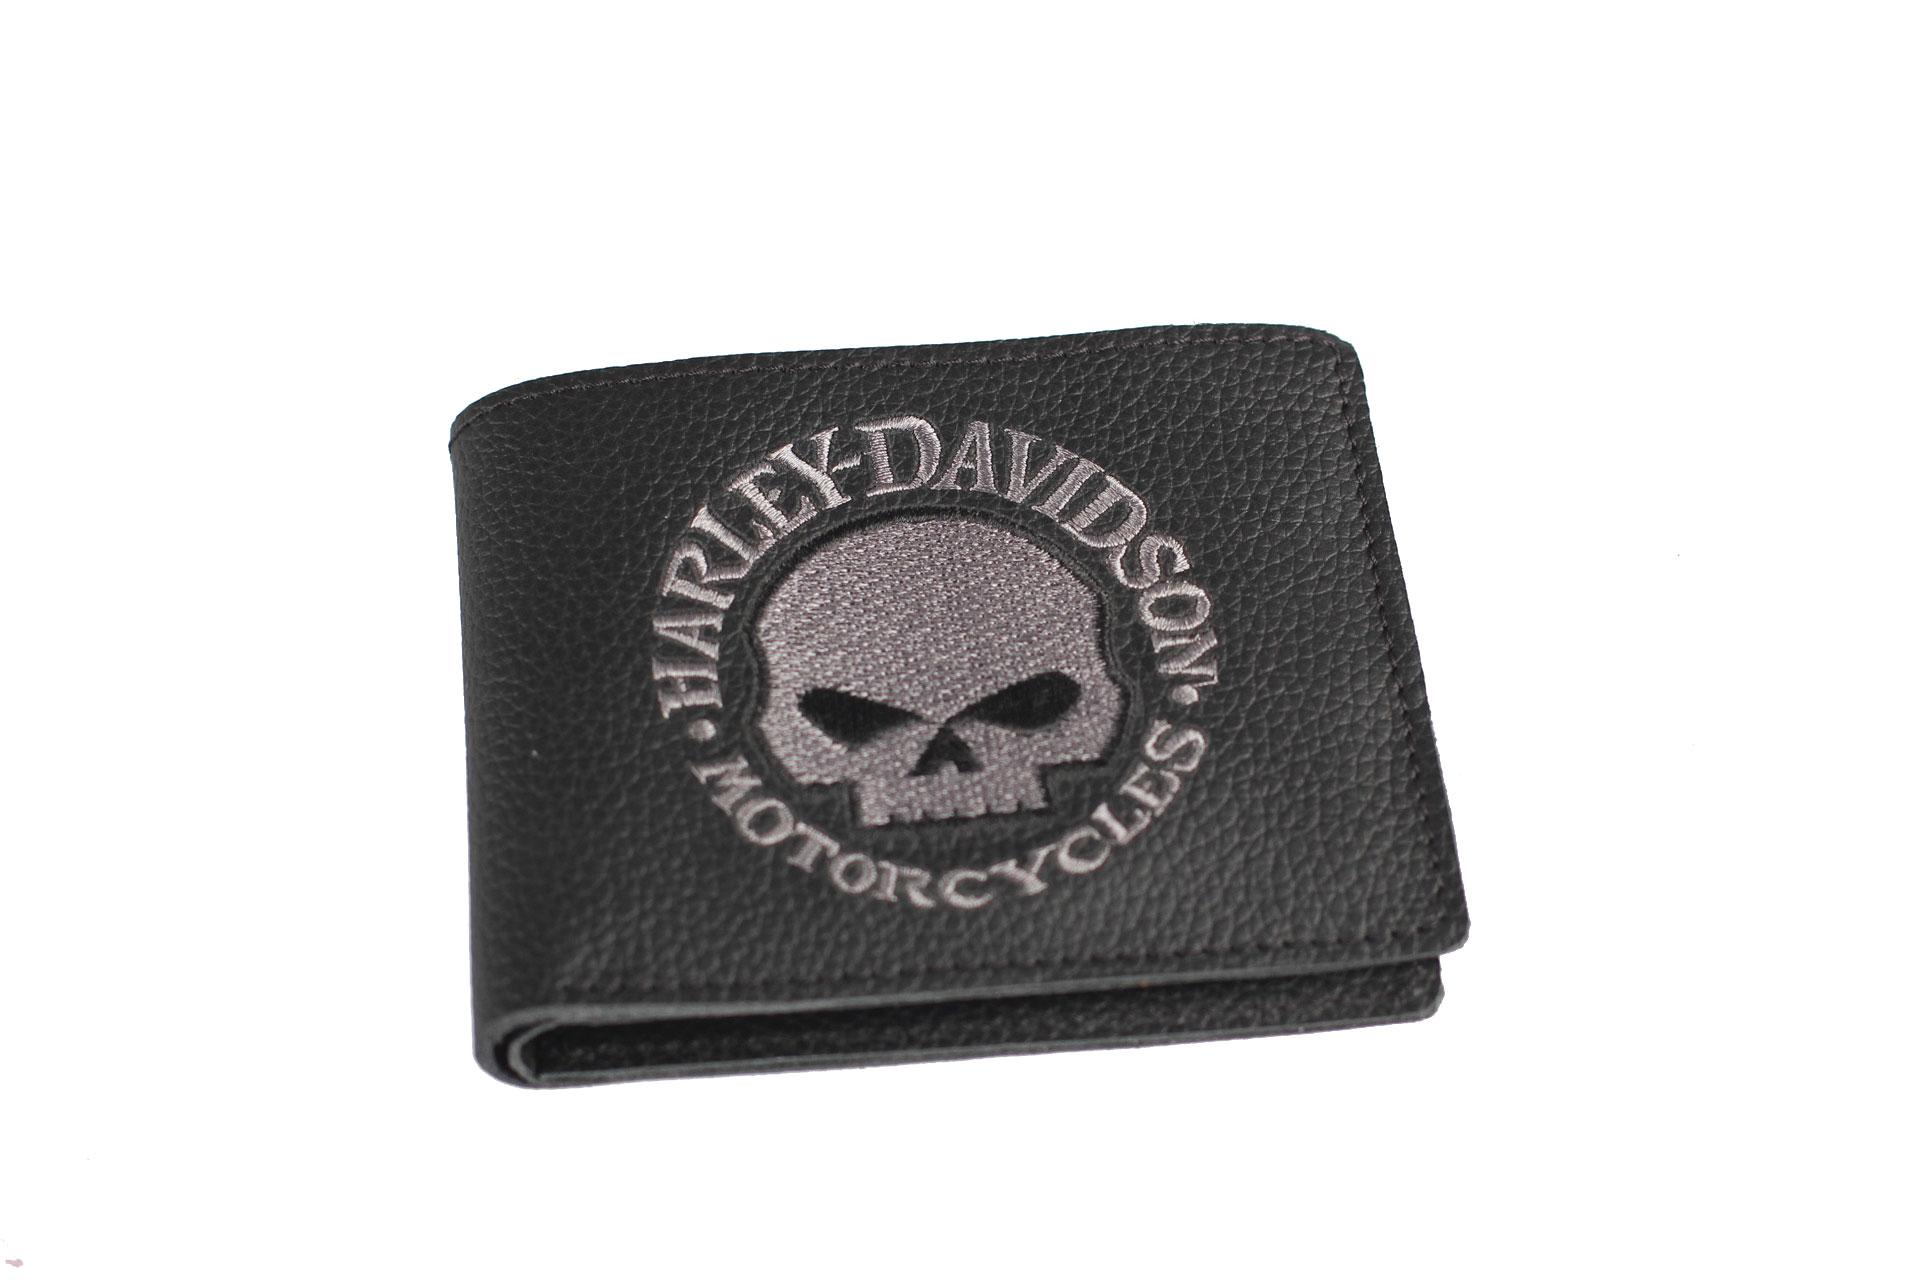 Harley Davidson Wallet Uk - Wallet Design